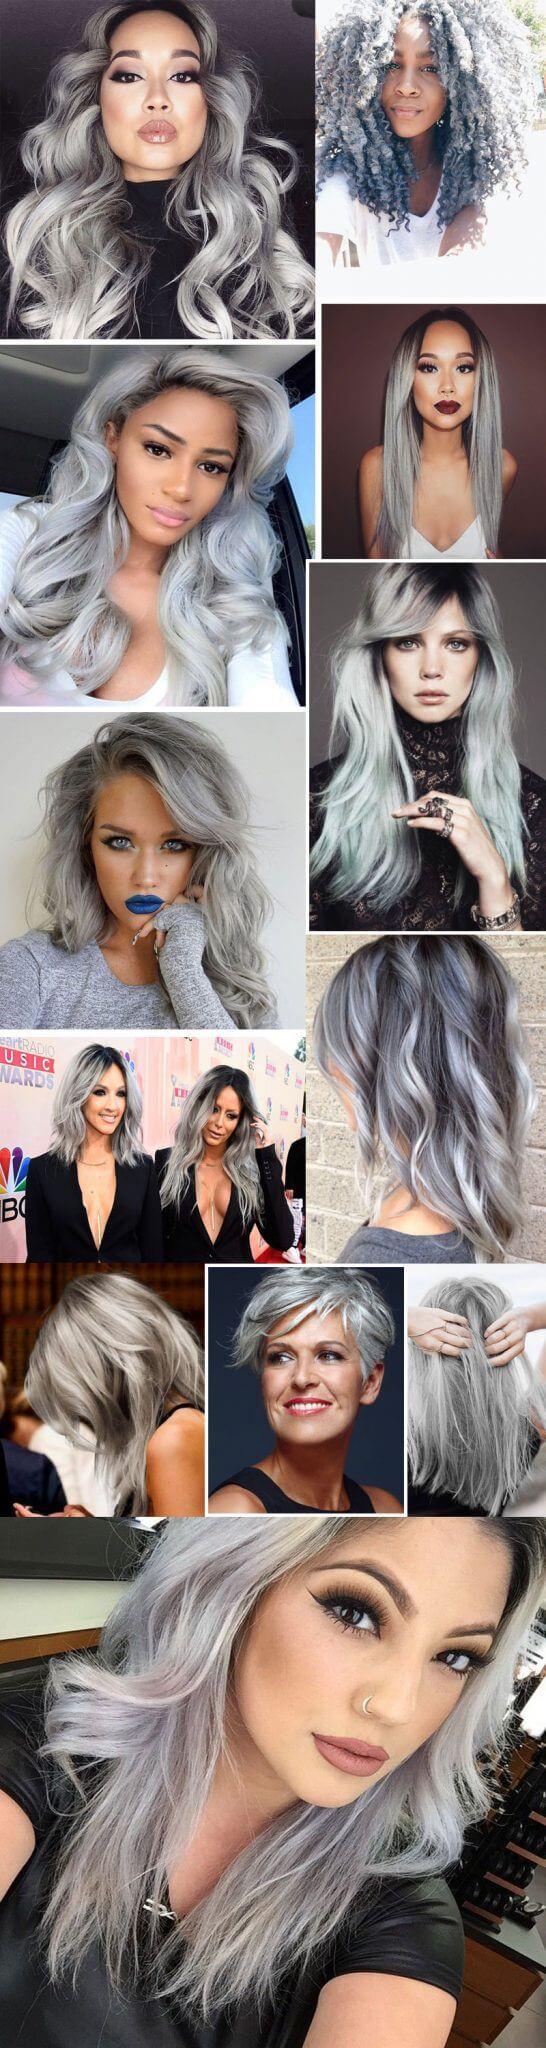 granny hair cabelo cinza juro valendo